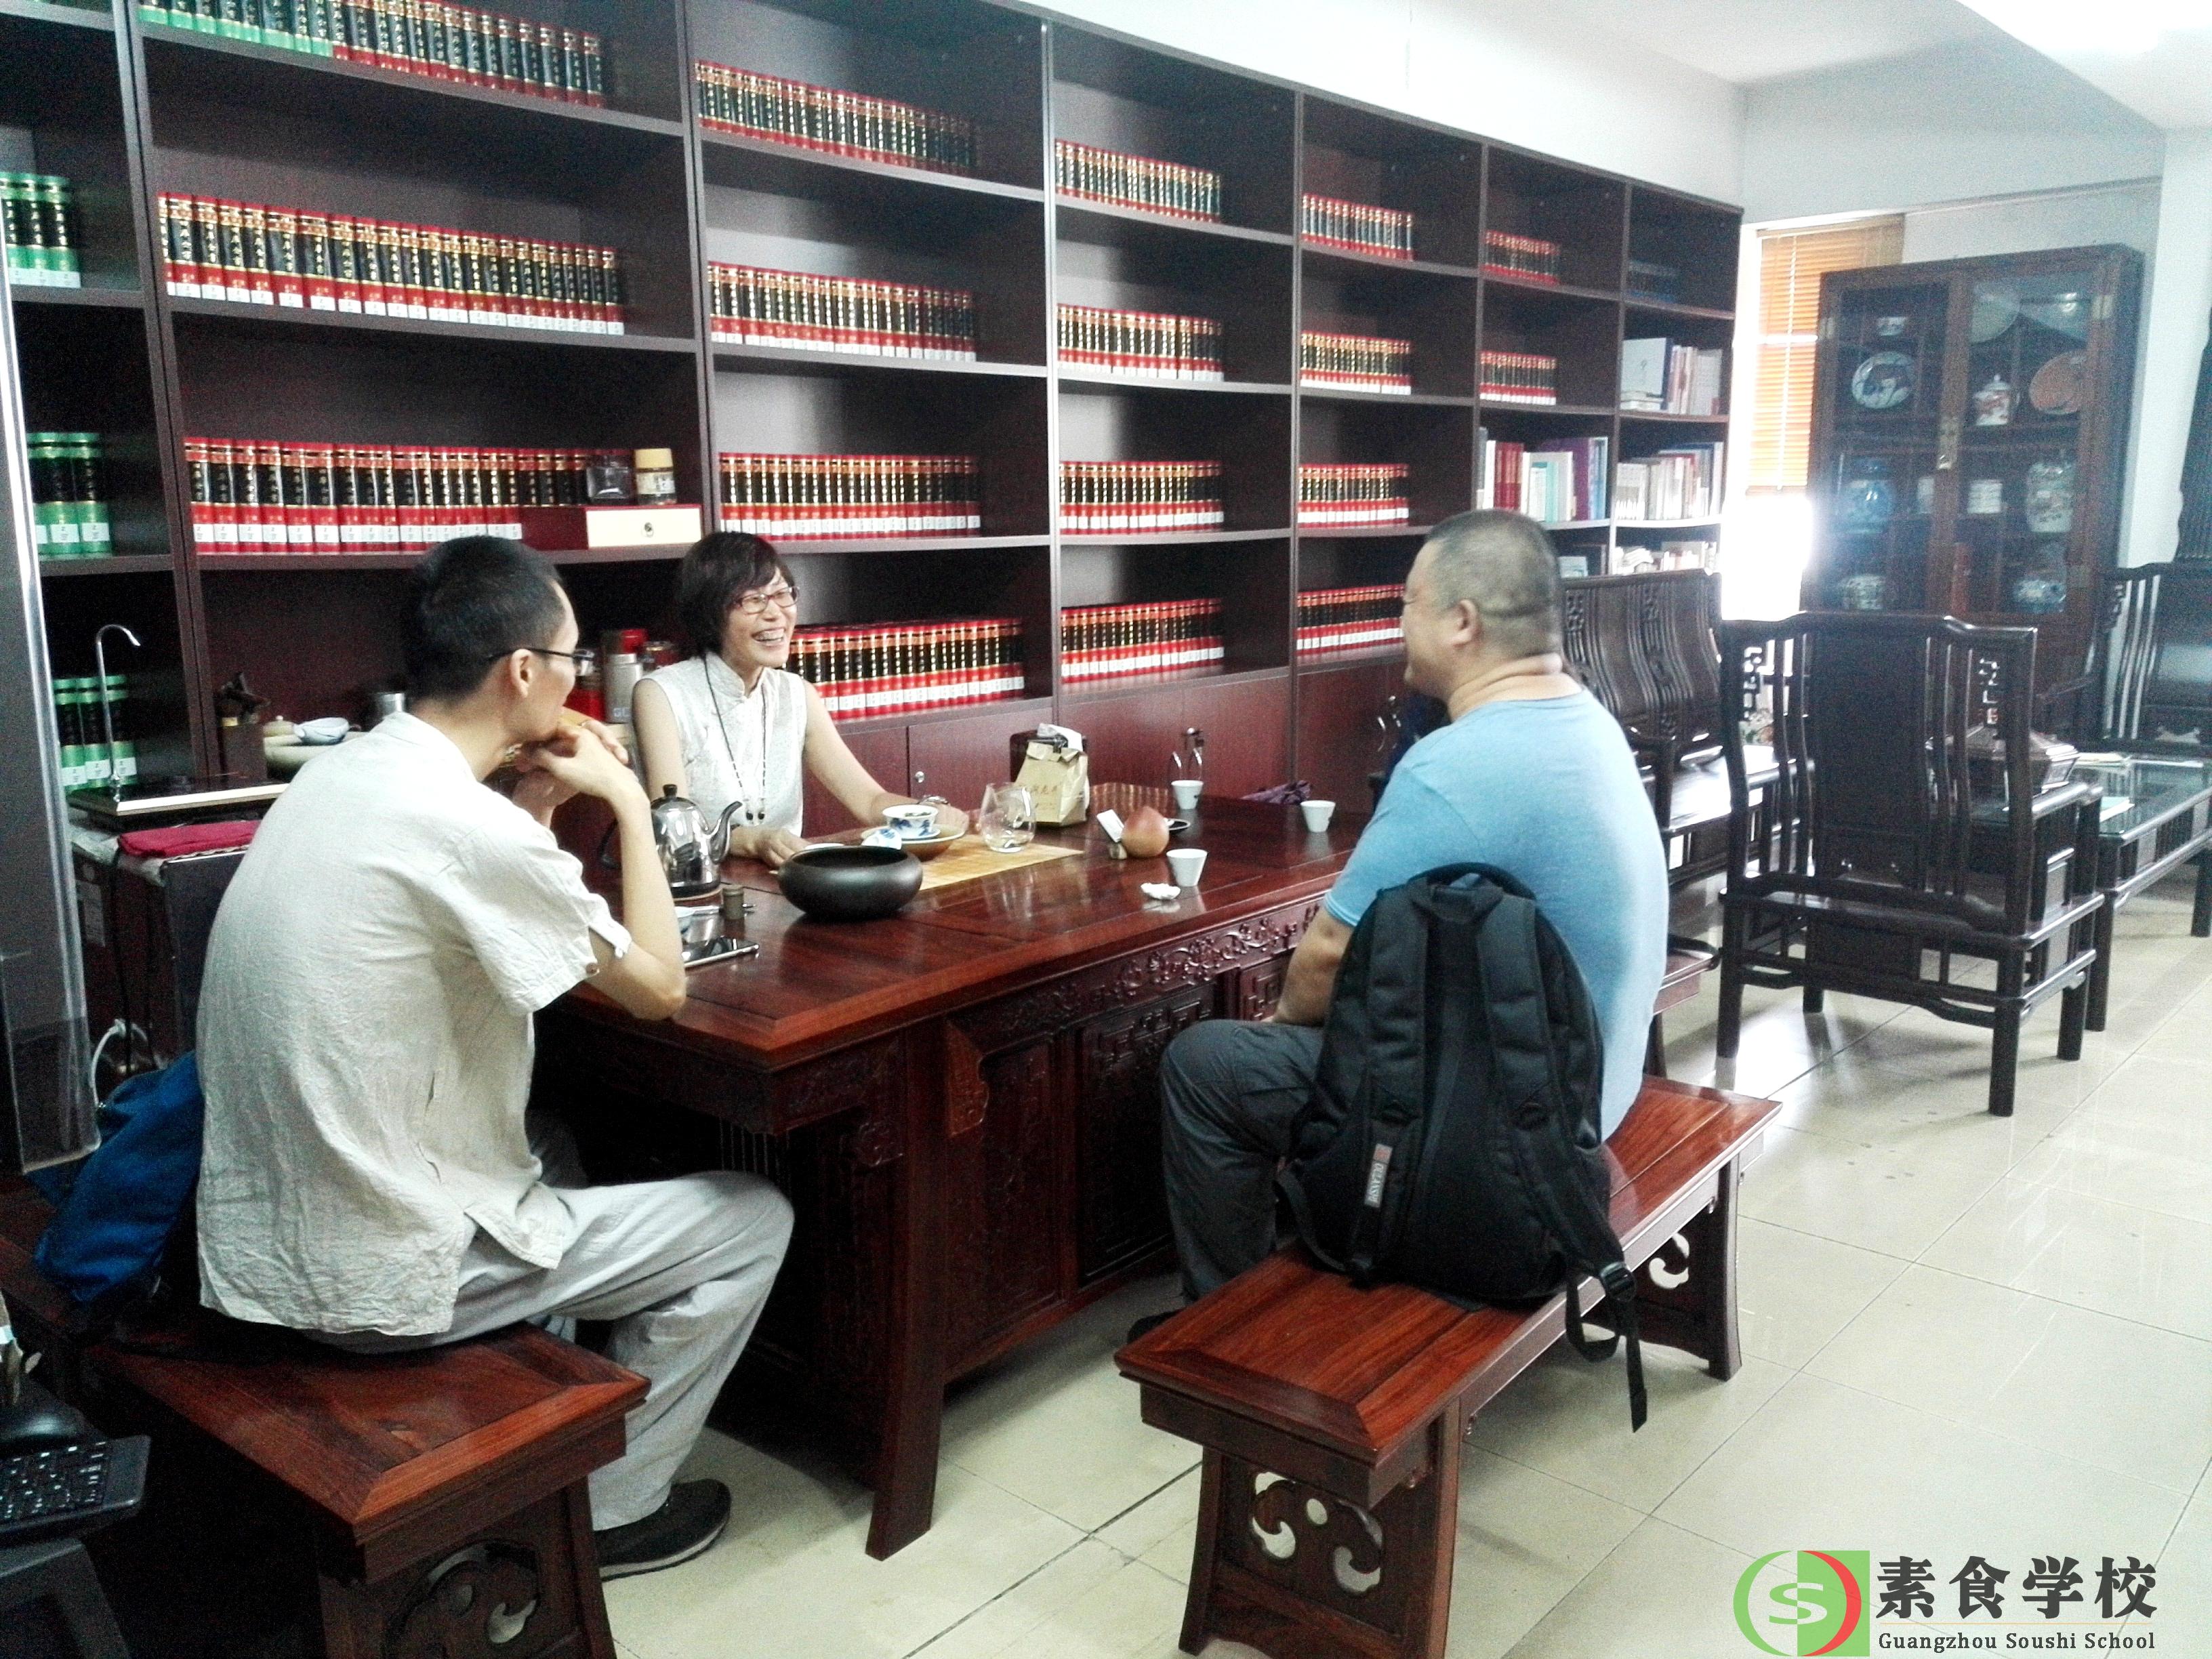 广州市素食职业培训学校走进大学课堂系列报道之《素食的源流与21世纪文明饮食》